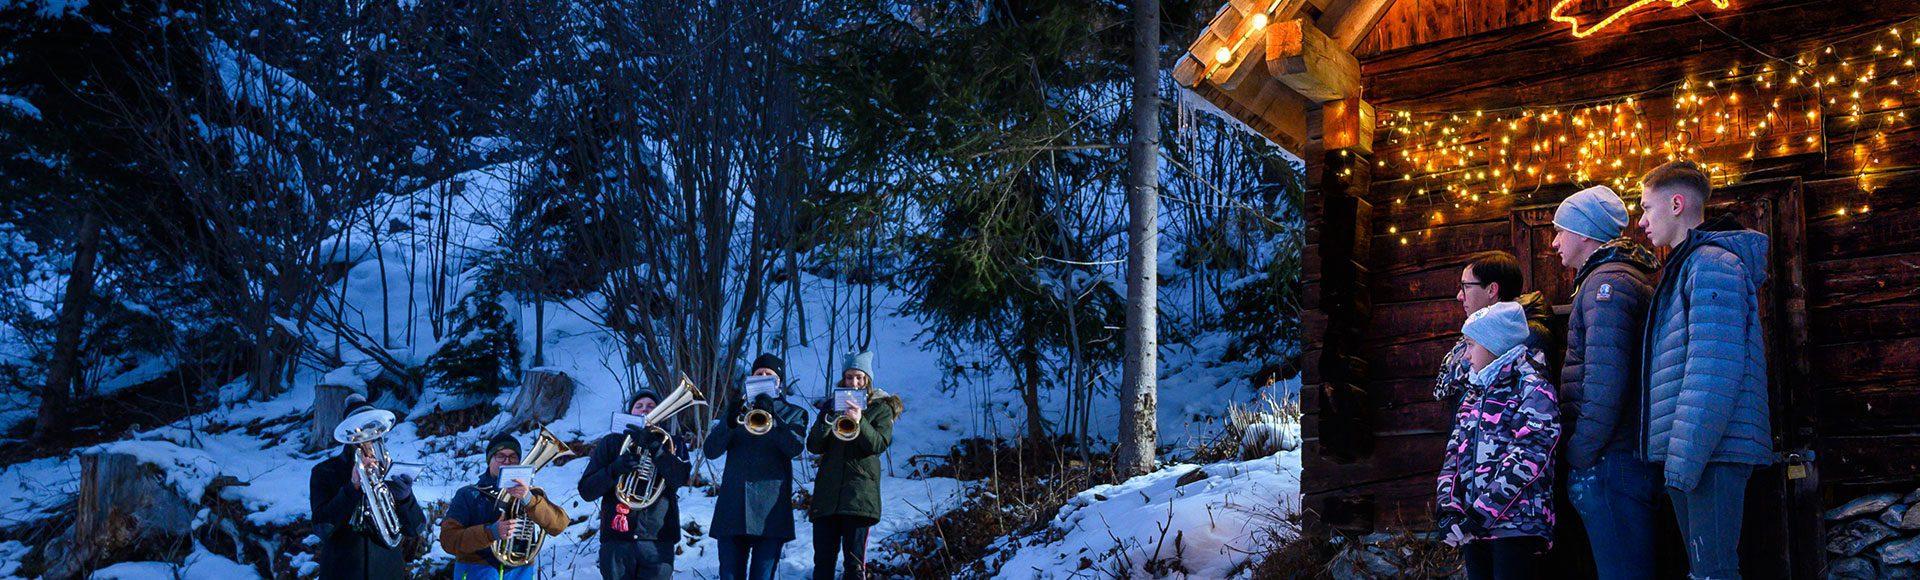 Weihnachtswanderung Tourimusverband Radtadt Lorenz Masser 2